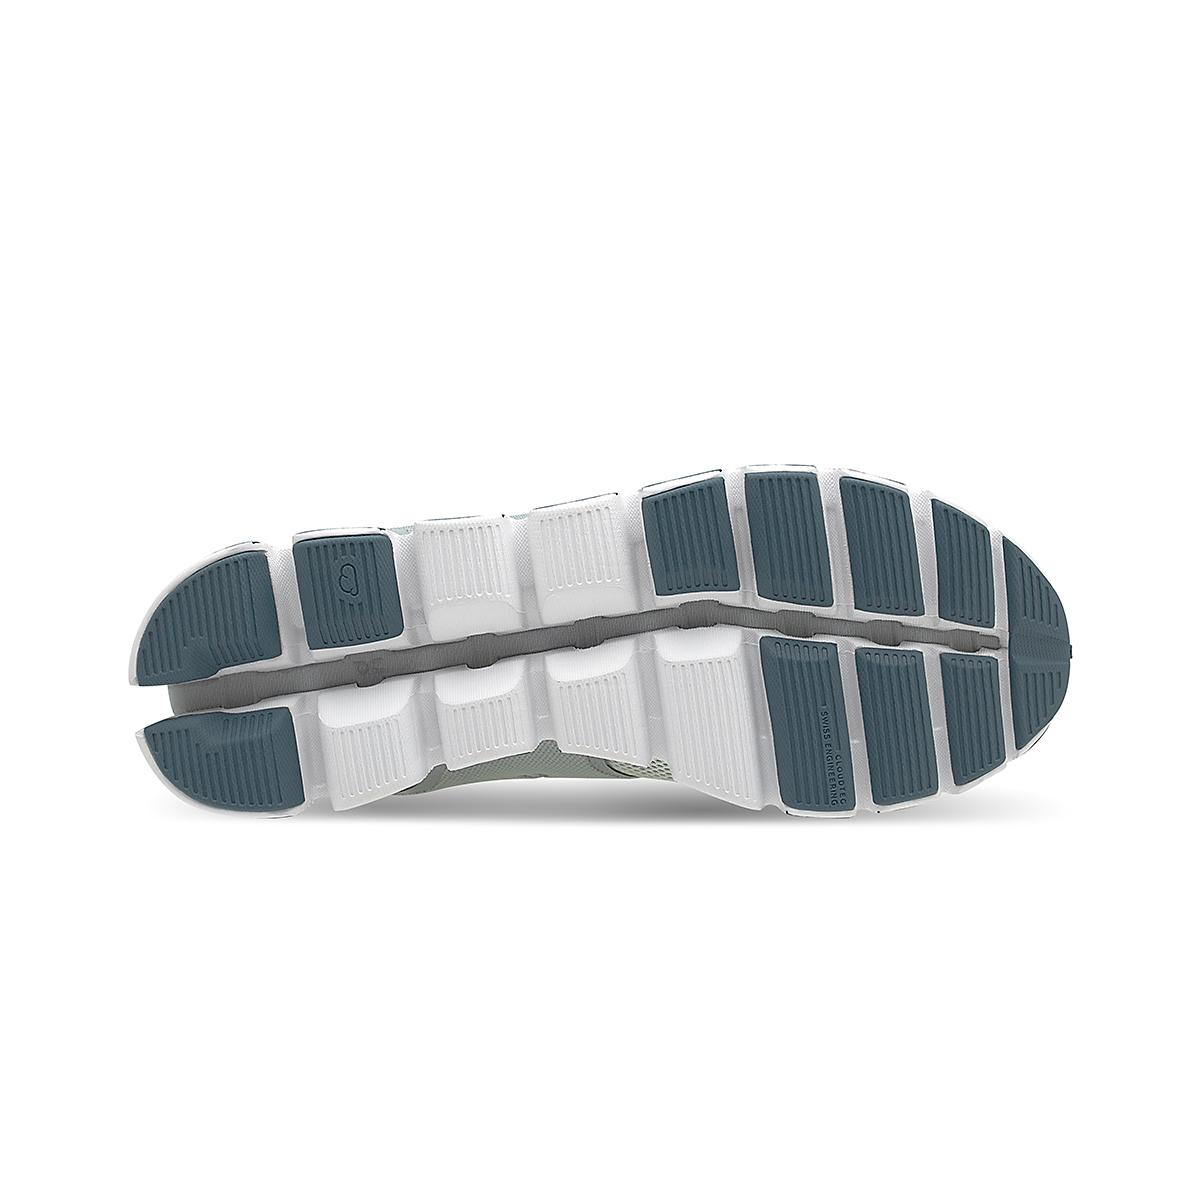 Women's On Cloud 70/30 Lifestyle Shoe - Color: Mist/Sapphire - Size: 5.5 - Width: Regular, Mist/Sapphire, large, image 2